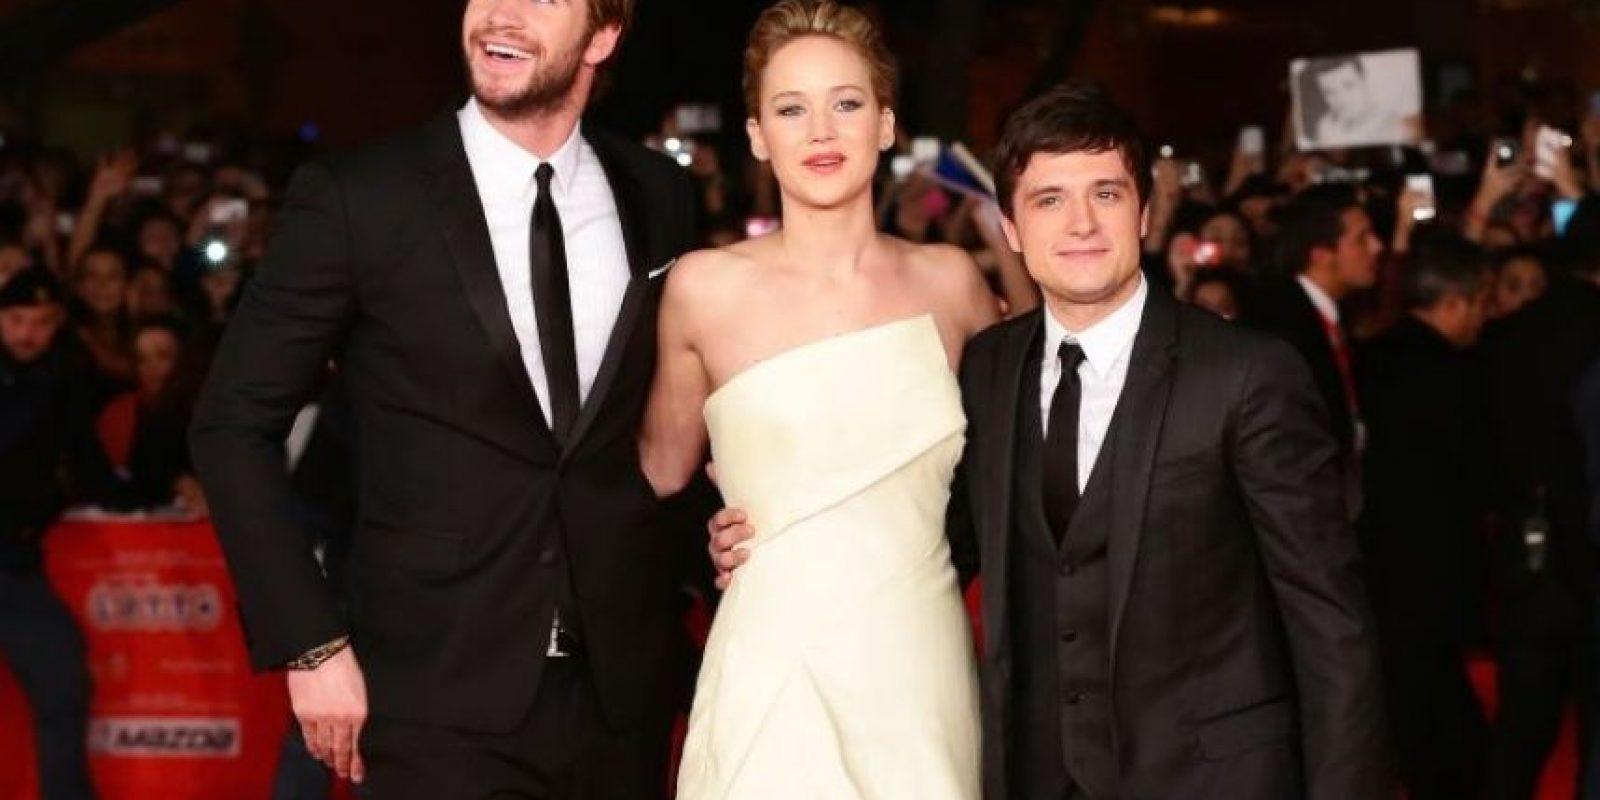 """Además, Liam reveló que después de ir al baño, a la actriz le gusta """"ponerle las manos en toda la cara"""" Foto:Getty Images"""